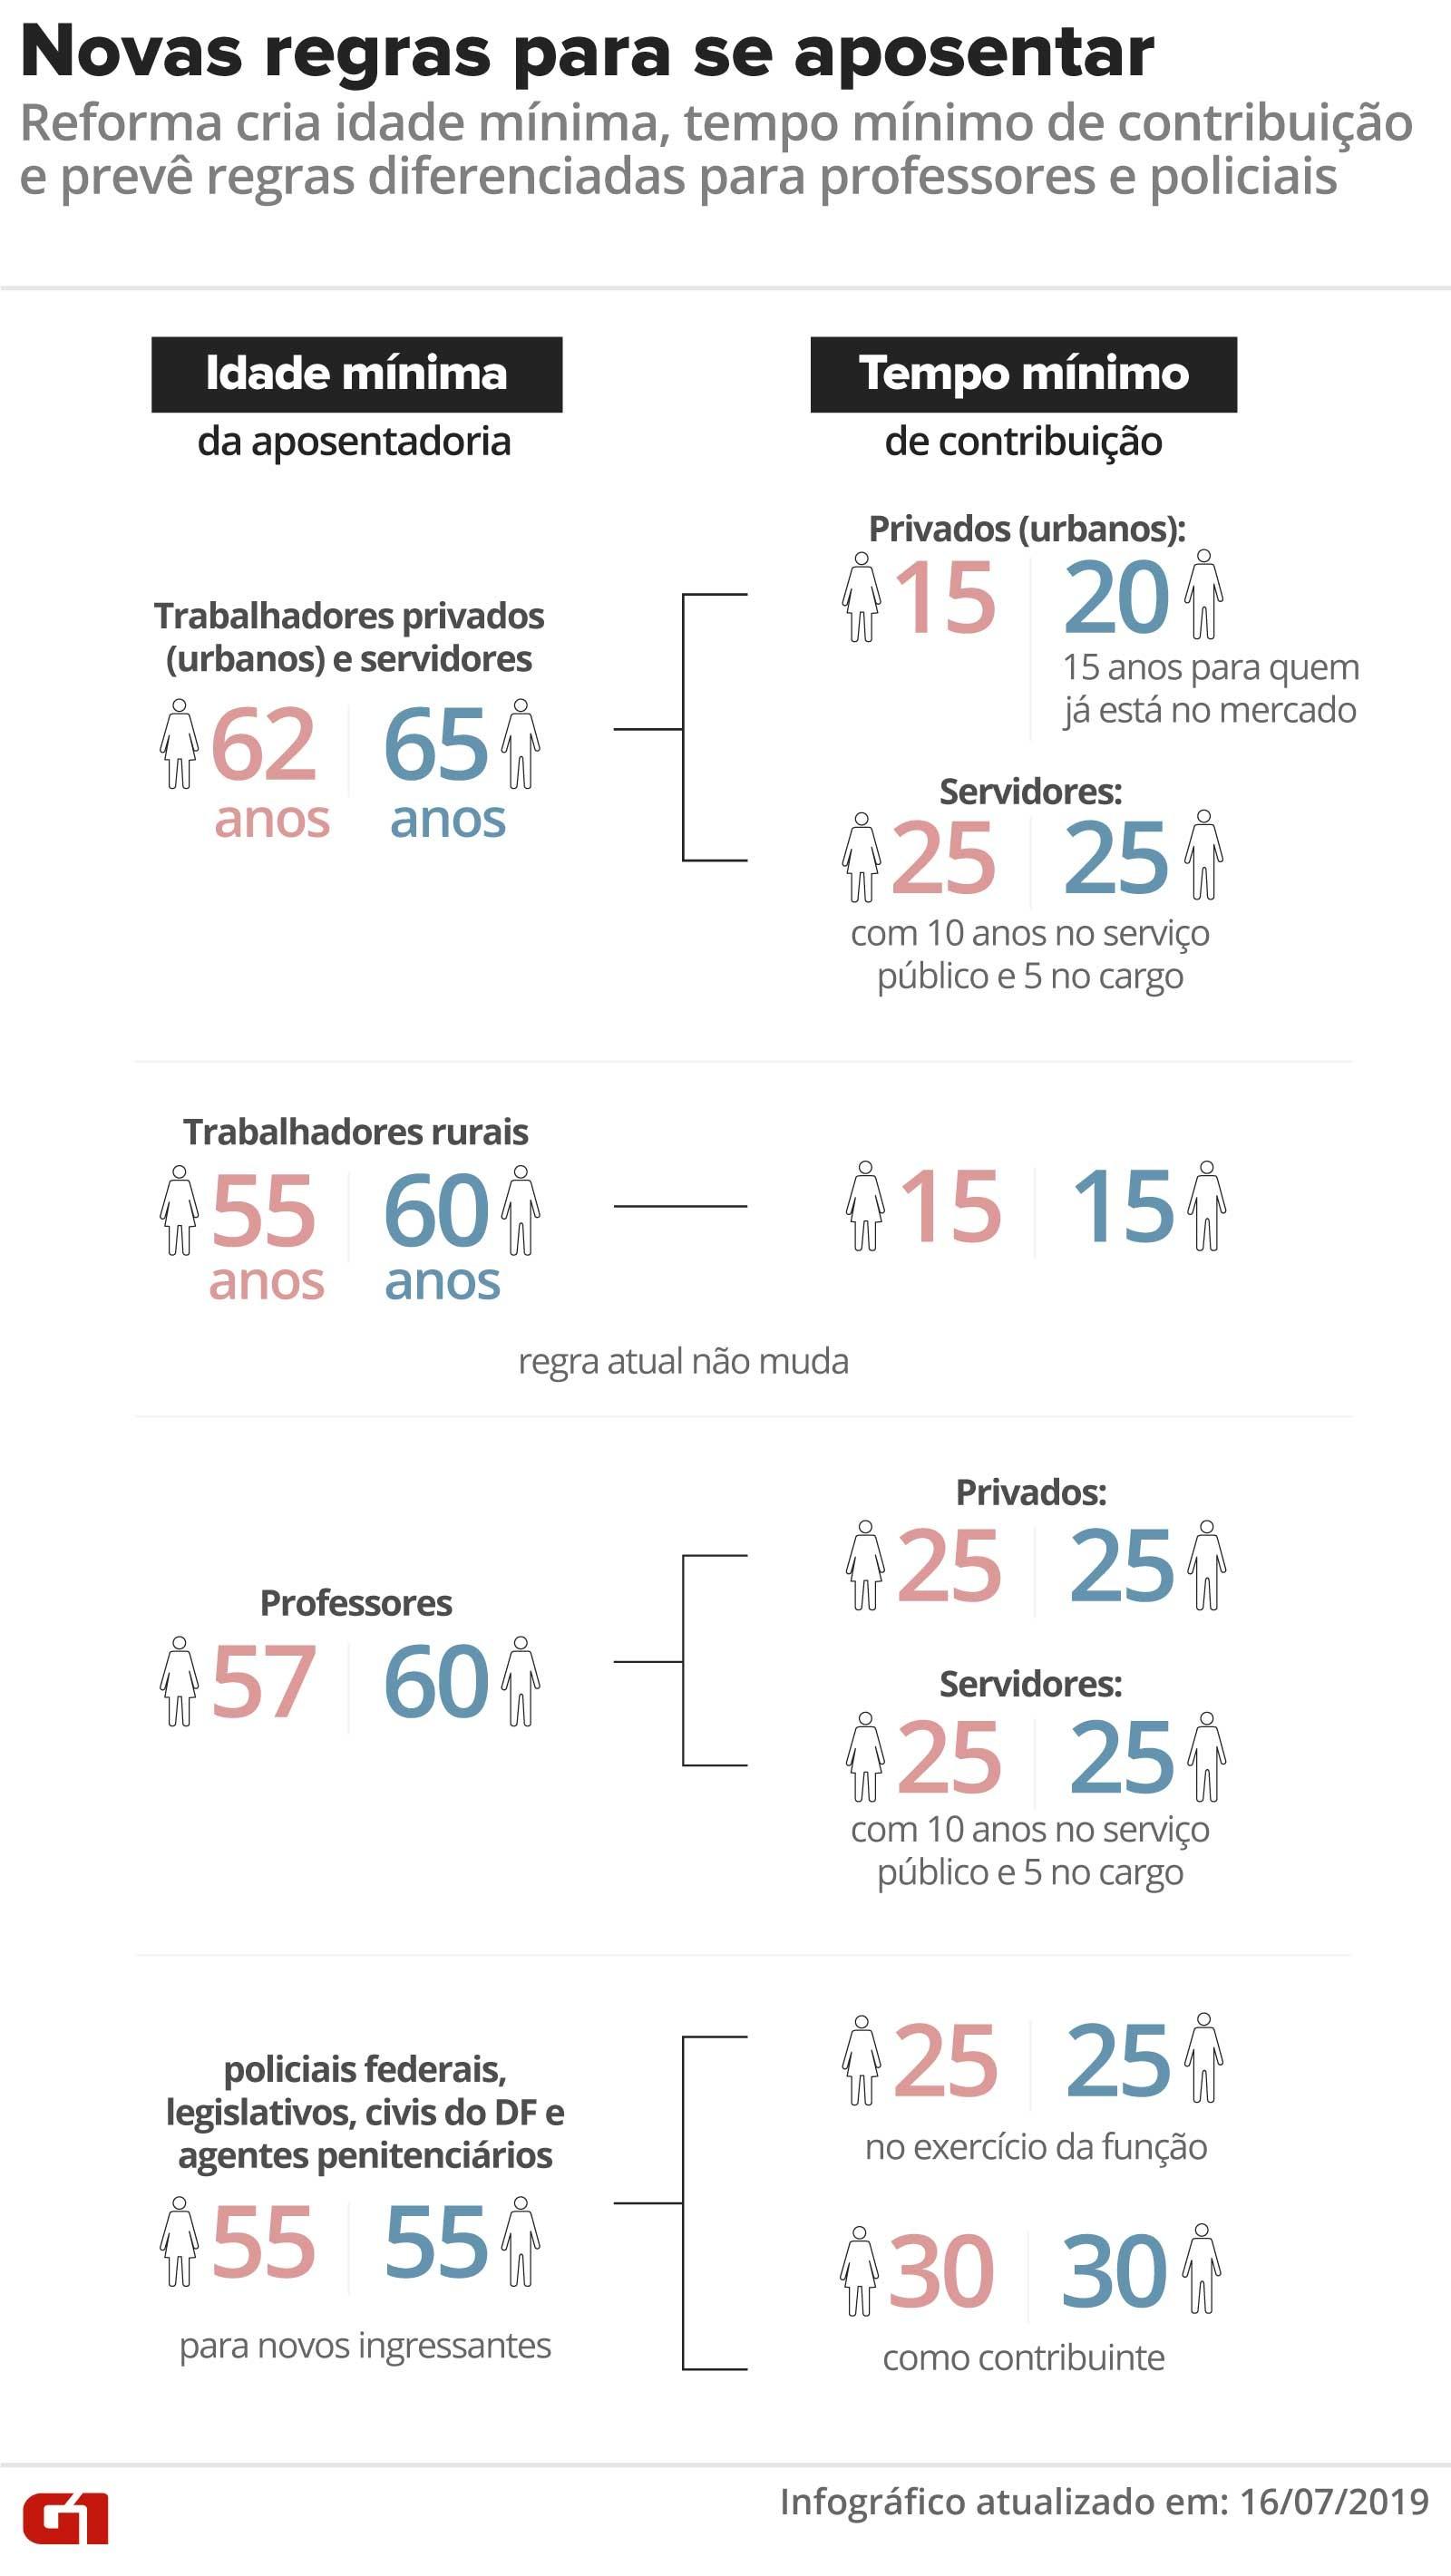 Saiba o que muda com a reforma da Previdência - Notícias - Plantão Diário